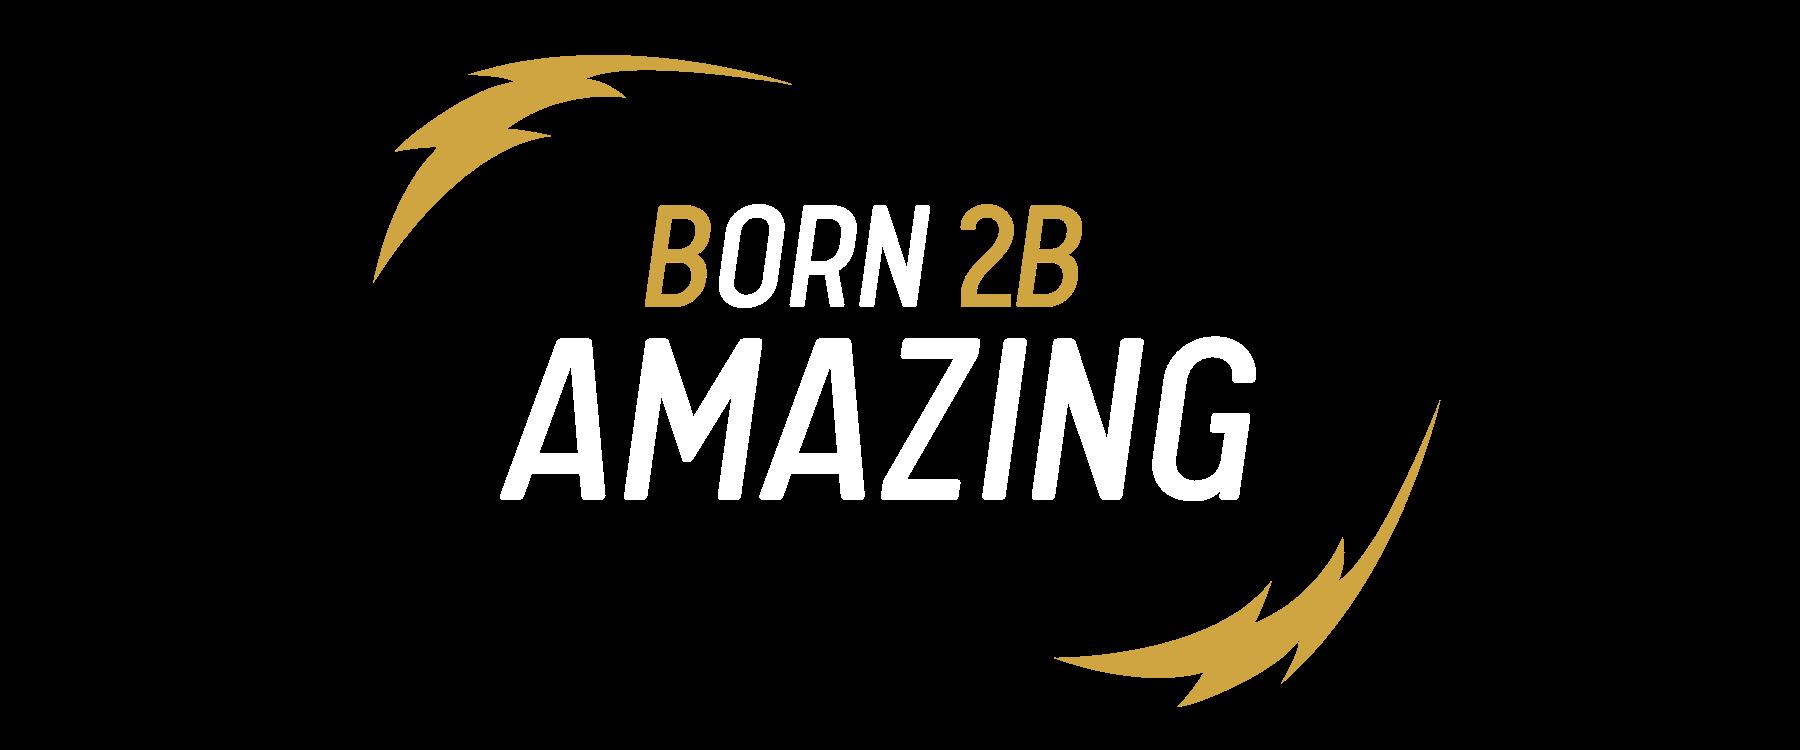 Born 2B Amazing